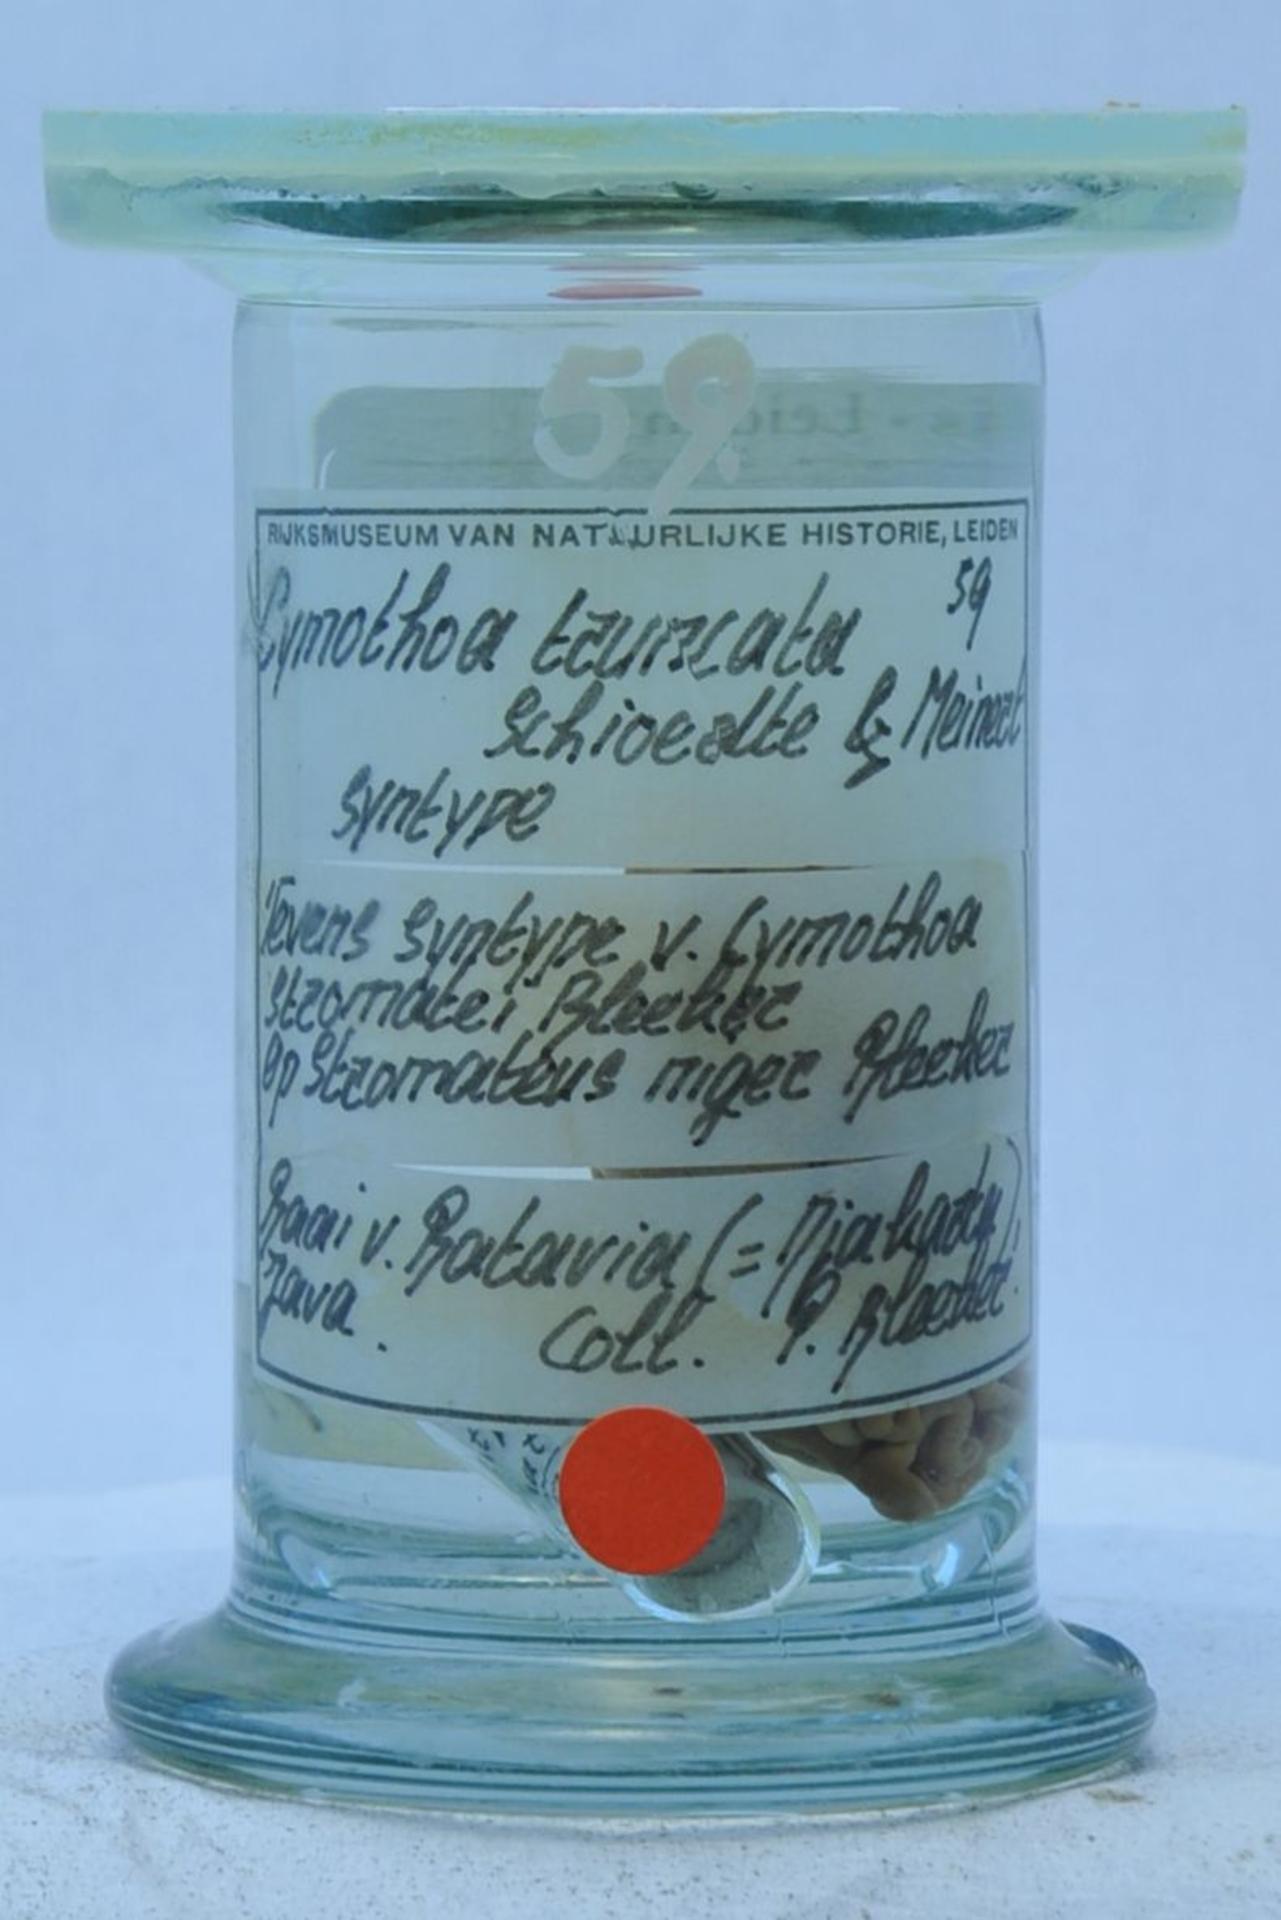 RMNH.CRUS.I.59 | Cymothoa truncata Schioedte & Meinert